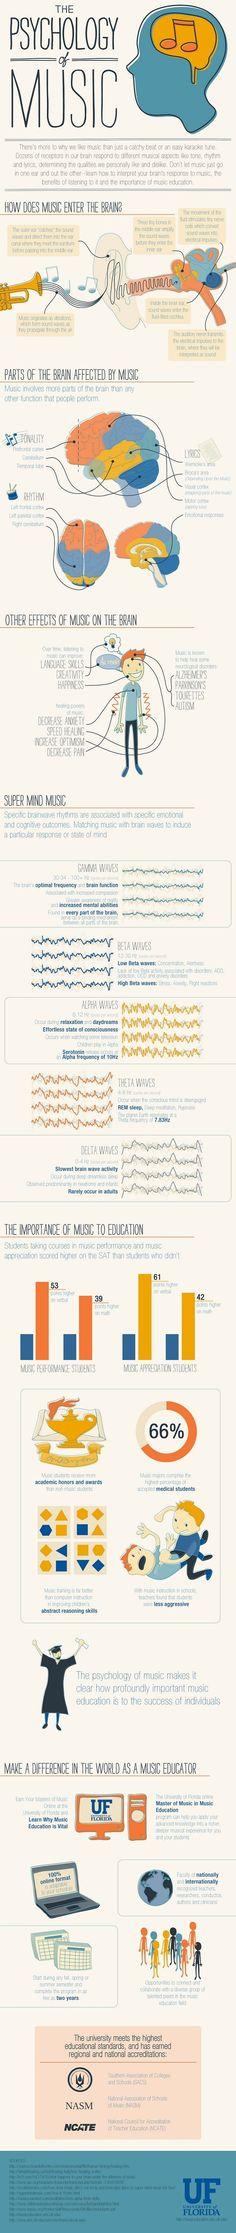 Hay mucho más de por qué nos gusta la buena música que una canción pegadiza o una fácil pista de karaoke. Decenas de receptores en el cerebro responden a diferentes aspectos musicales como el tono,…